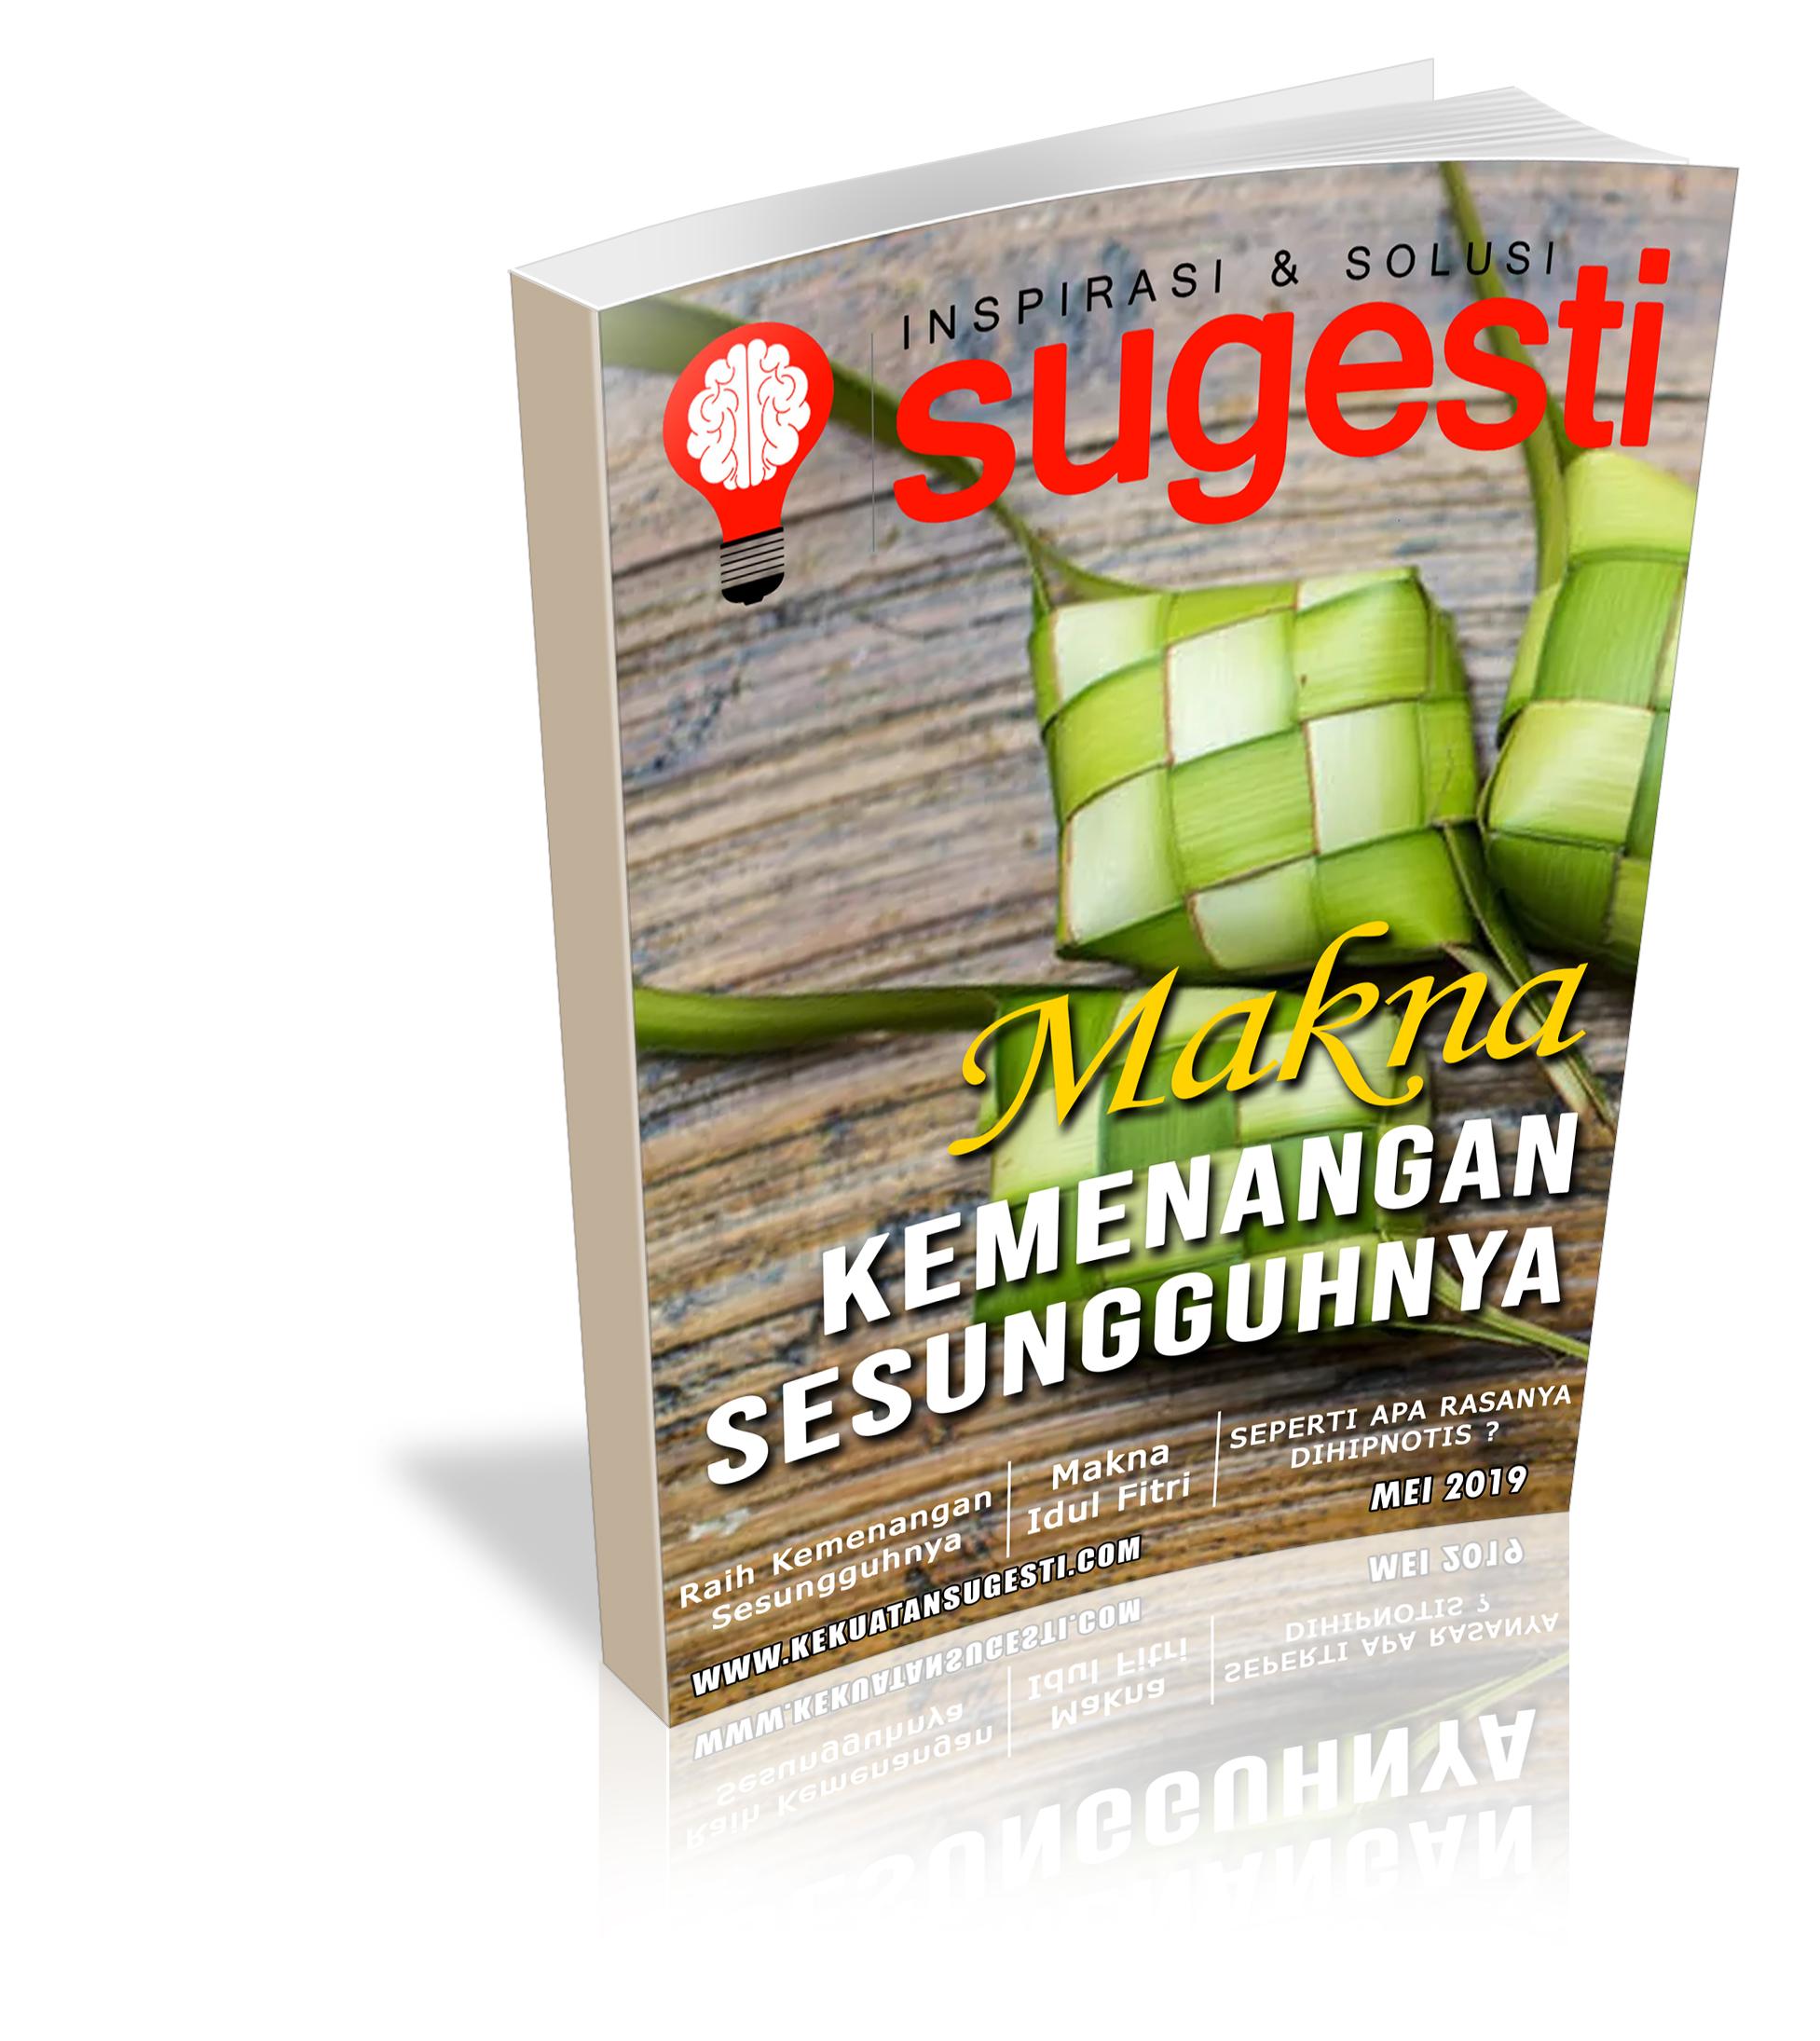 Majalah Sugesti Edisi Kelimapuluh Sembilan Bulan Mei 2019